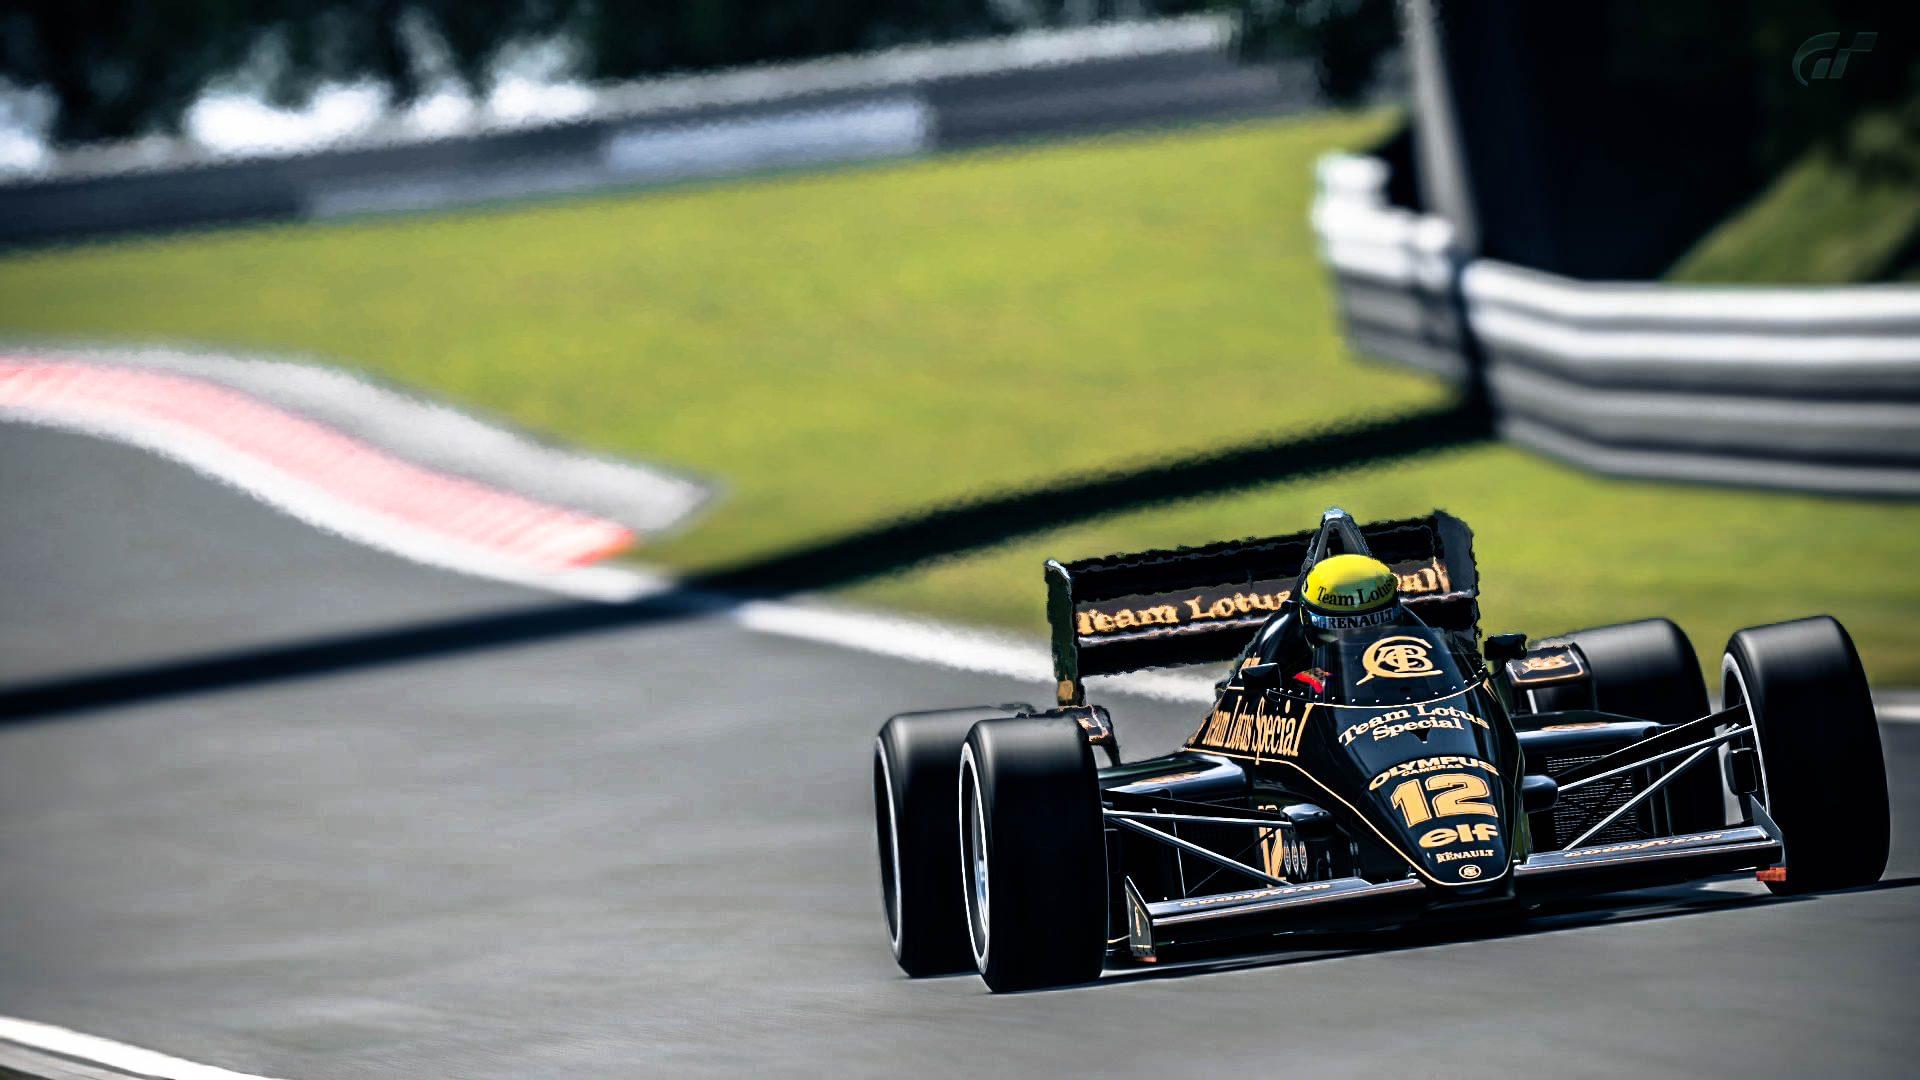 Senna_4.jpg